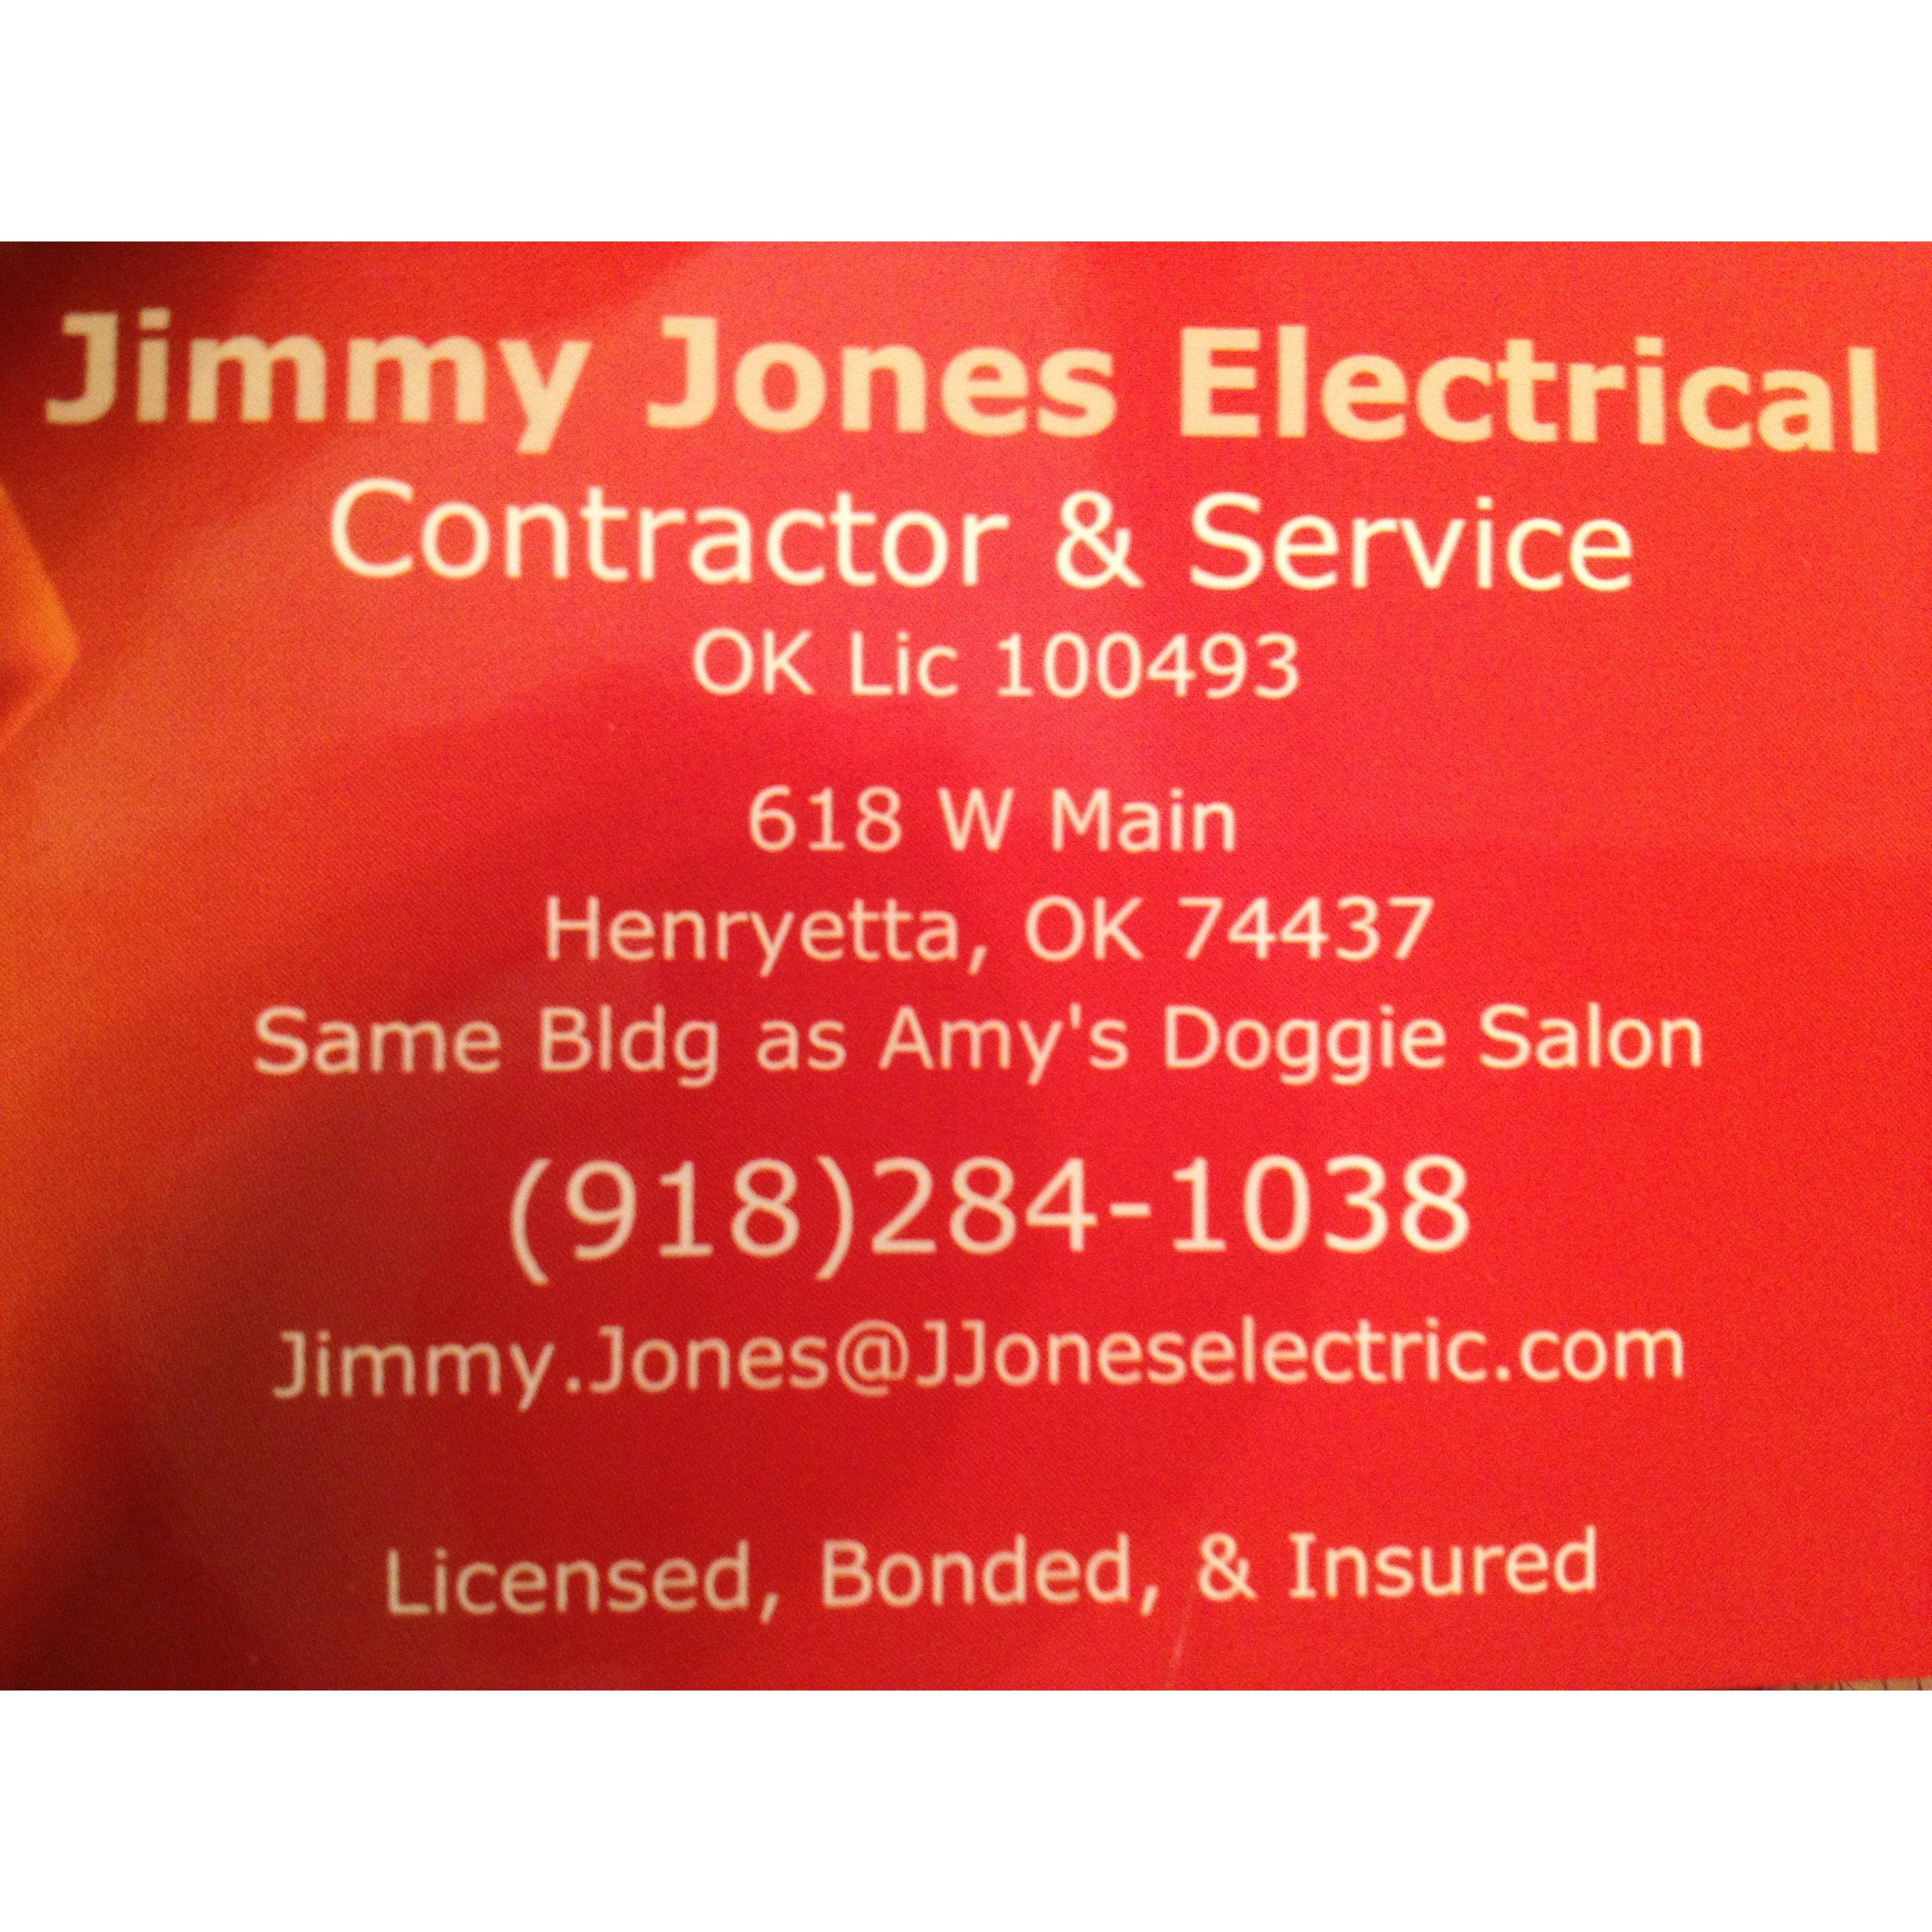 Jimmy Jones Electric Contractor